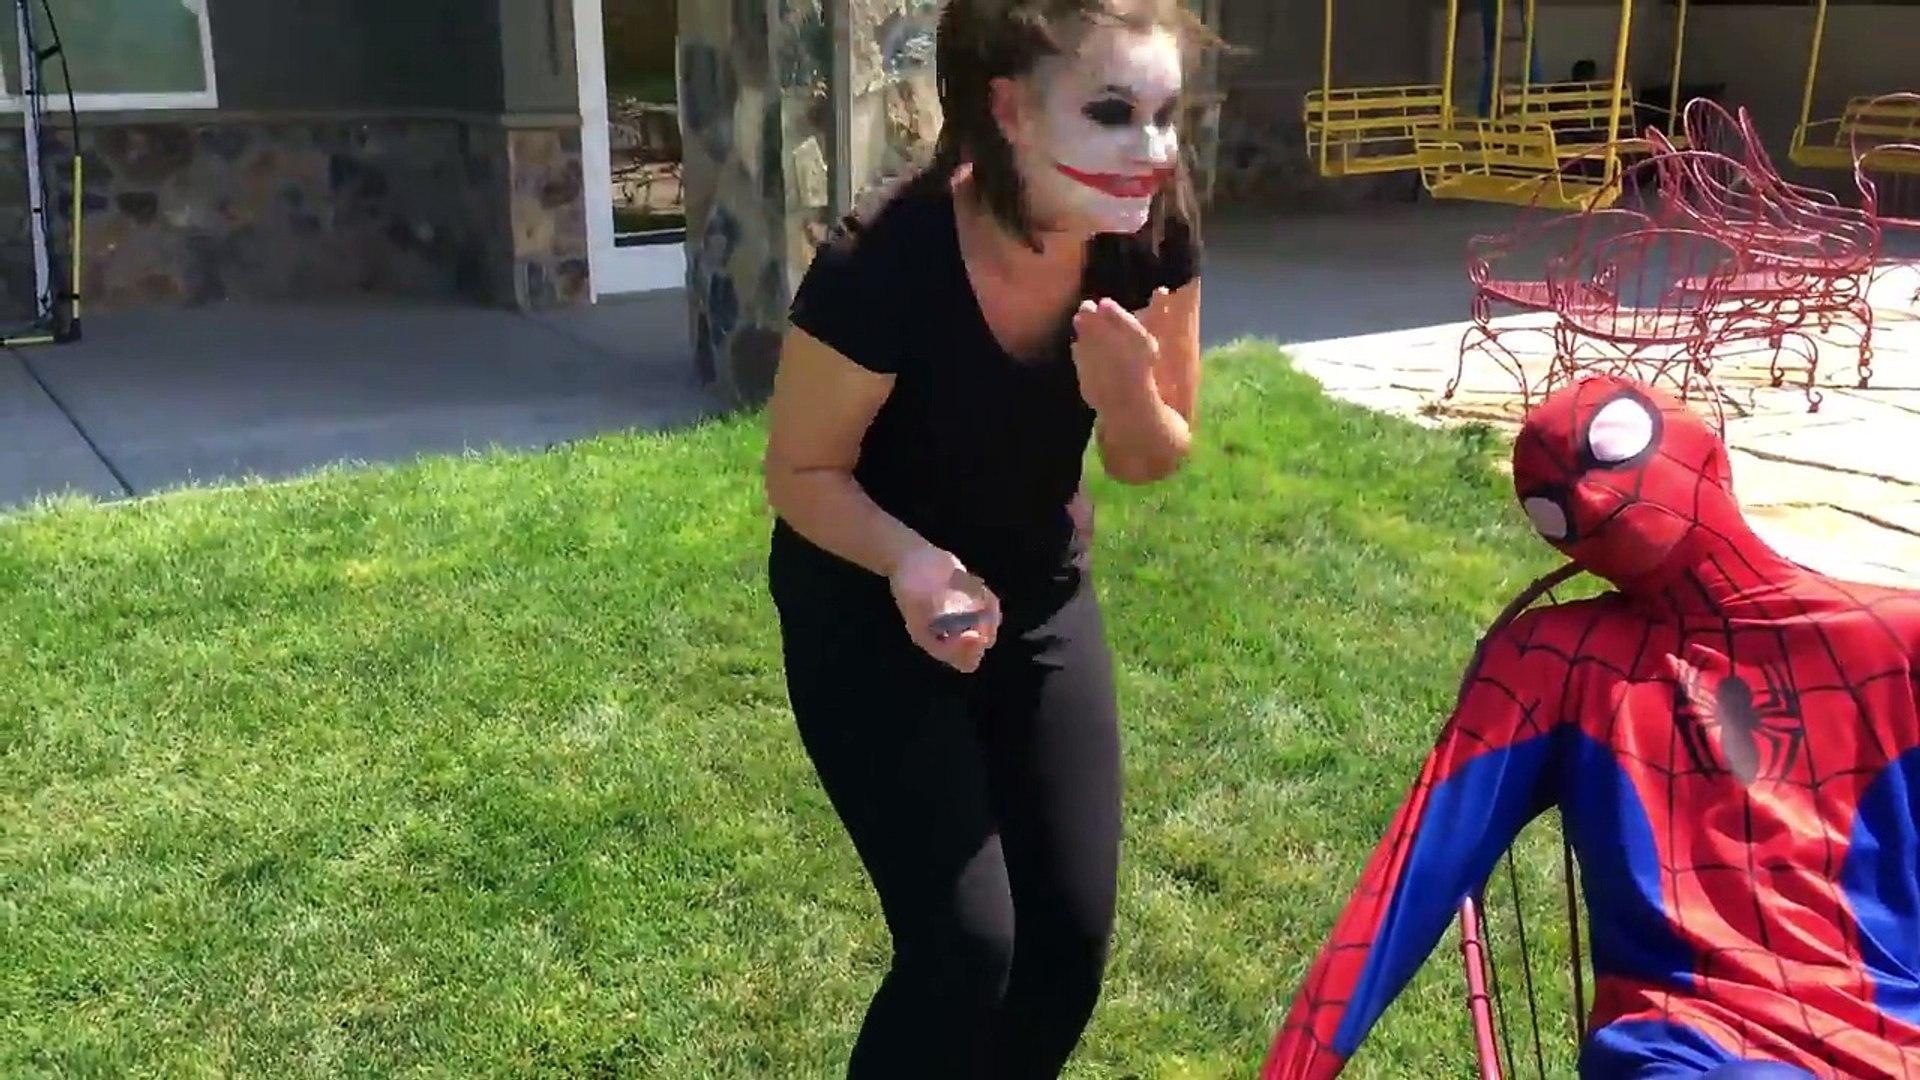 Анна клоун водить машину Эльза замороженный замороженные джокер Макдоналдс Принцесса человек-паук